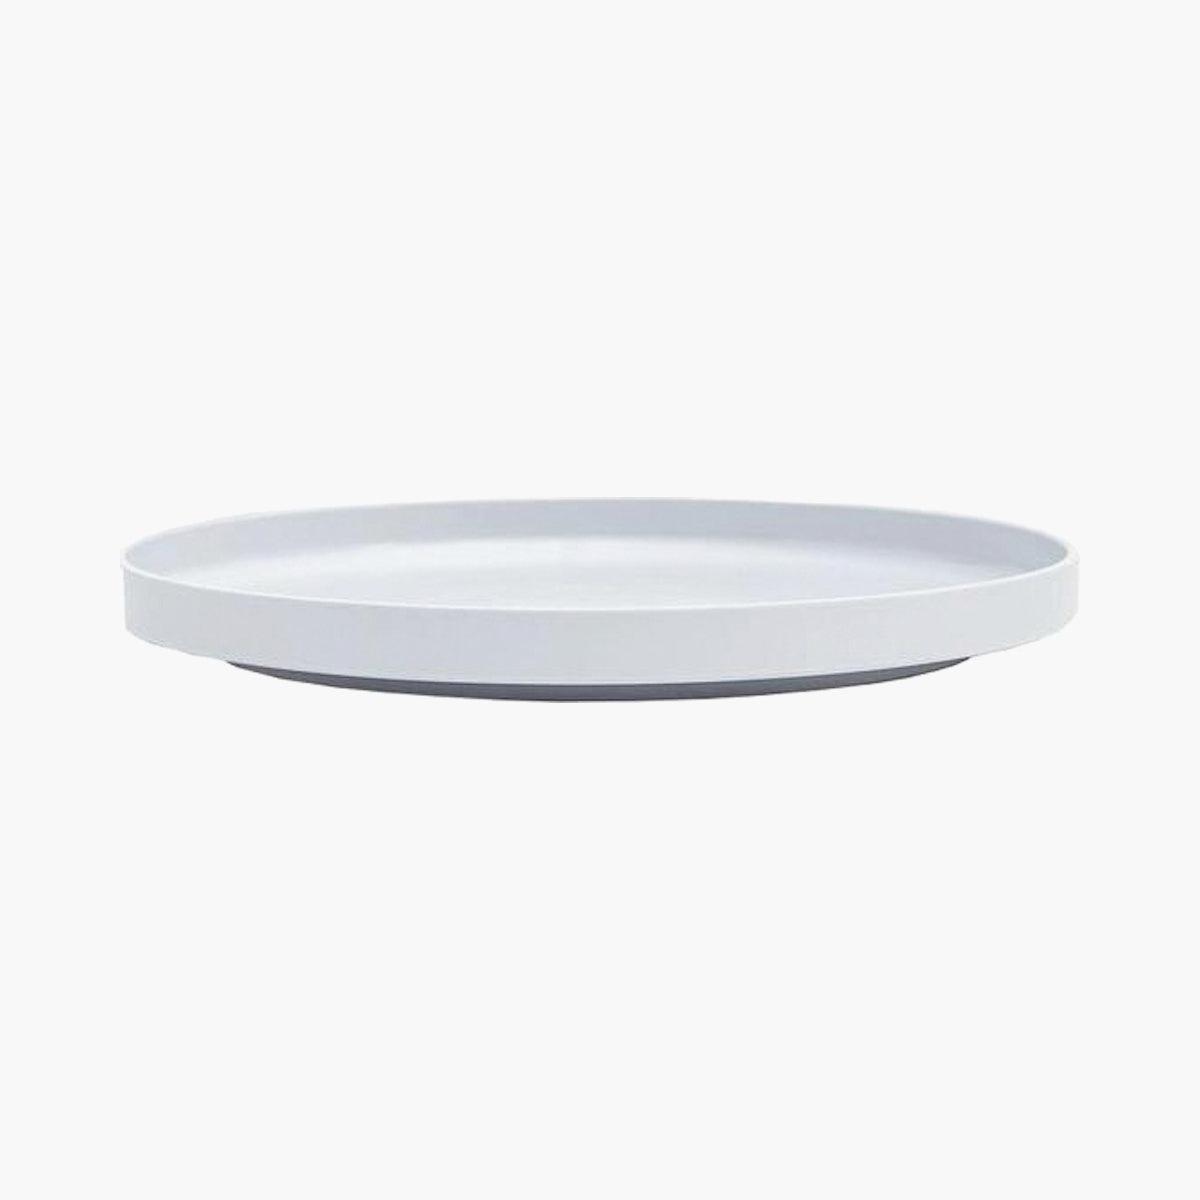 Heller Dinnerware - Dinner Plate, White